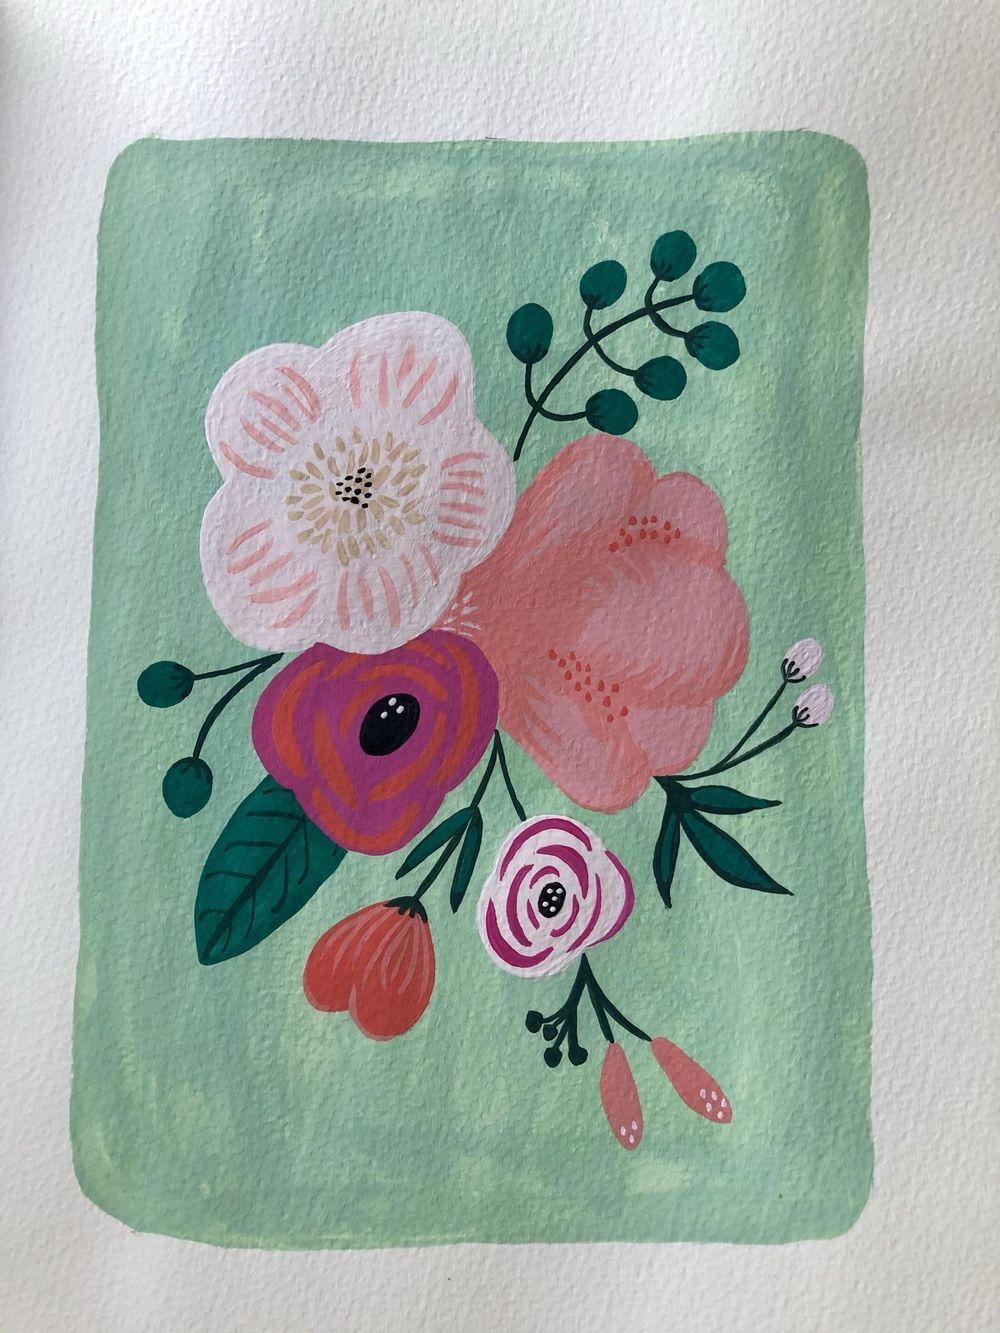 Gouache florals - image 1 - student project